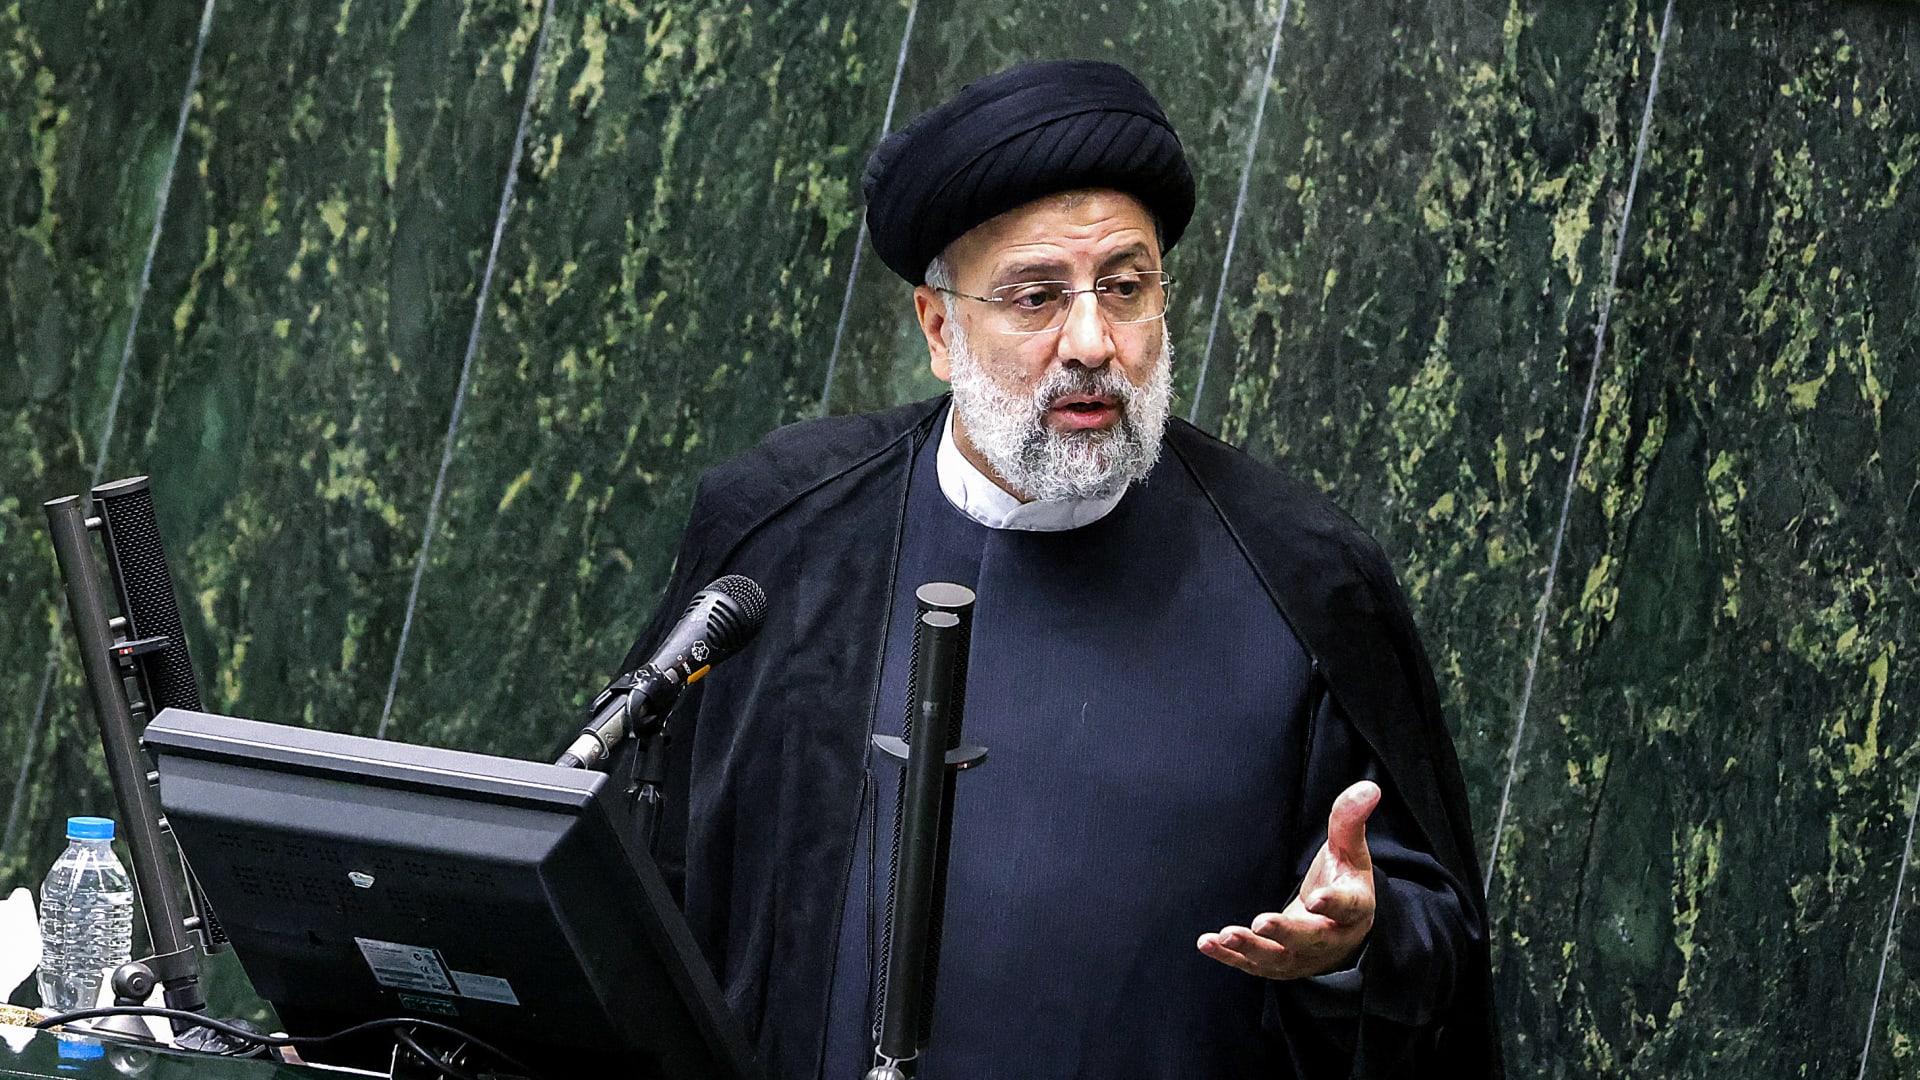 إبراهيم رئيسي.. ما الذي قد نتوقعه من الرئيس الإيراني القادم؟